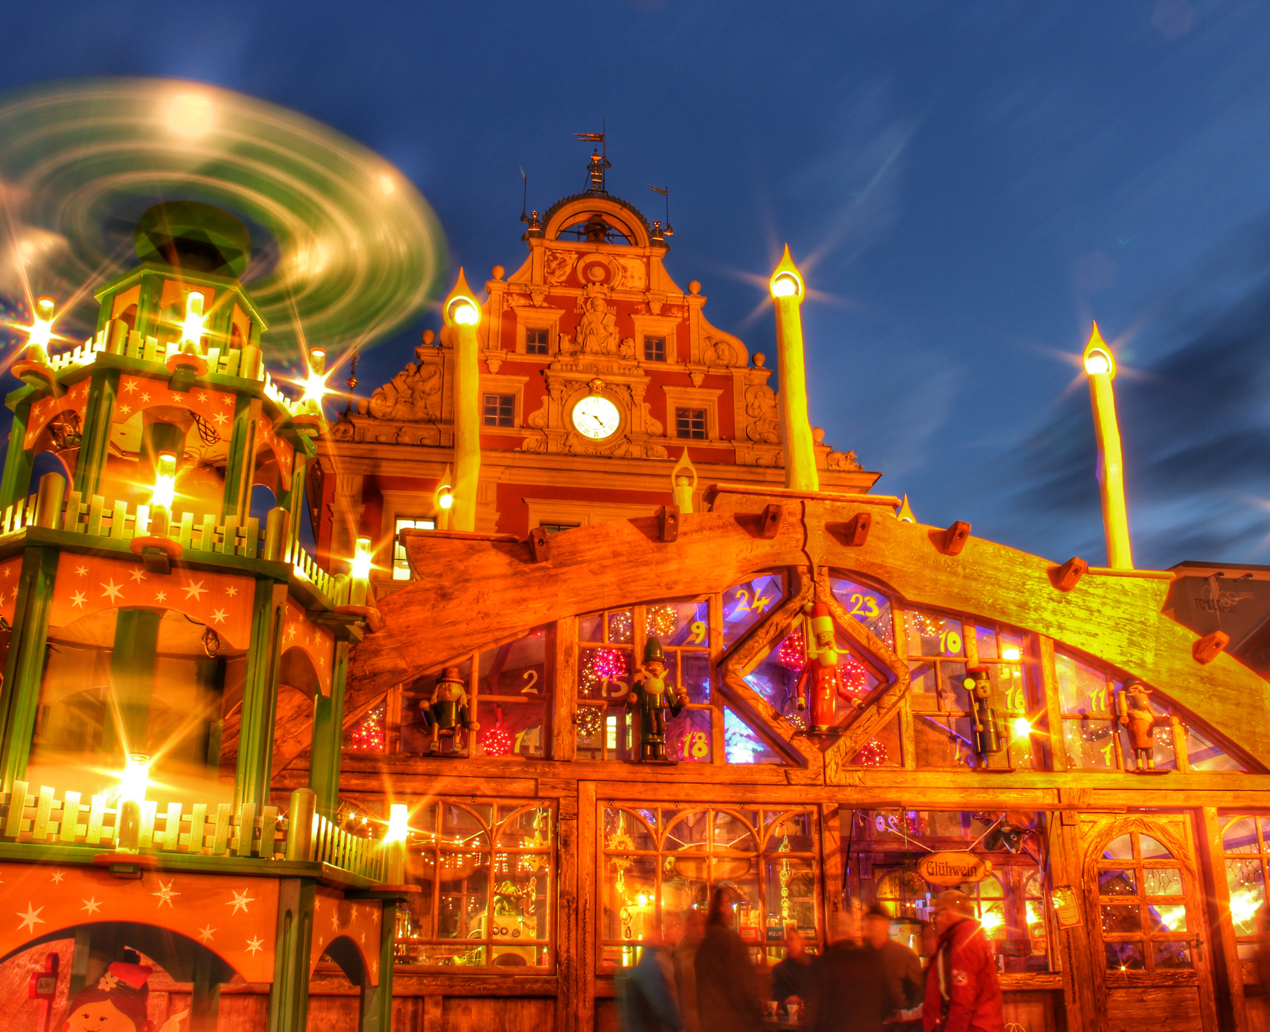 Weihnachtsmarkt Gotha ©S. Pohl